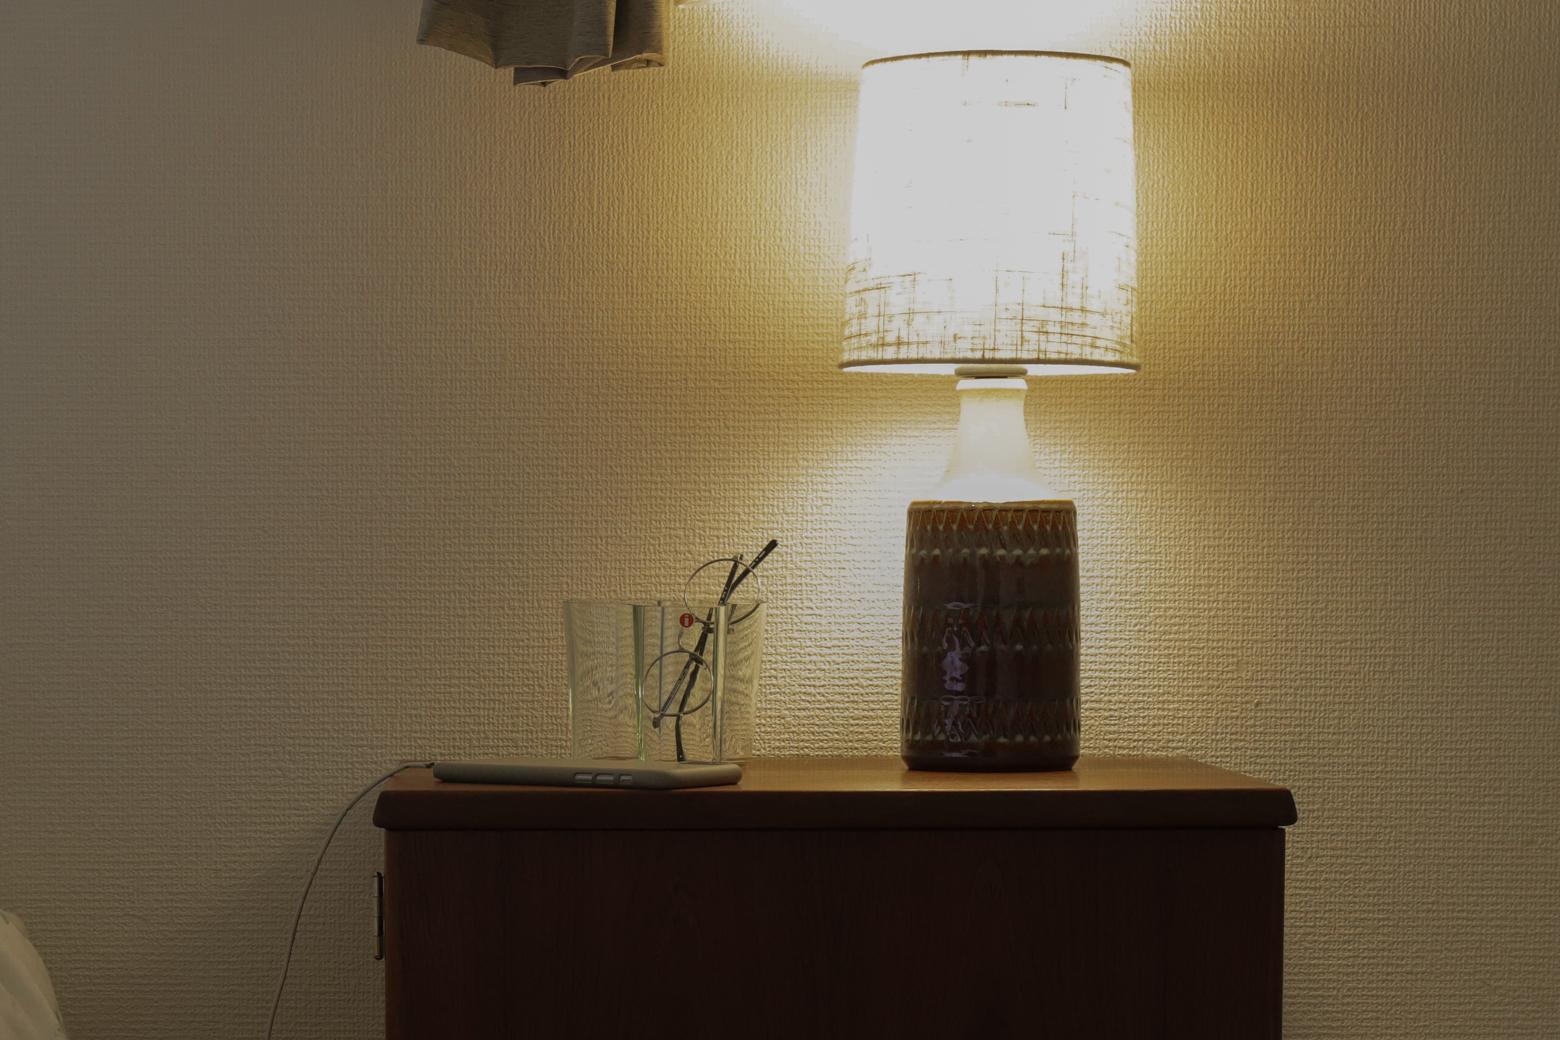 スーホルム テーブルランプ デンマーク ヴィンテージ 照明 北欧インテリア/Soholm Table Lamp Danish Vintage